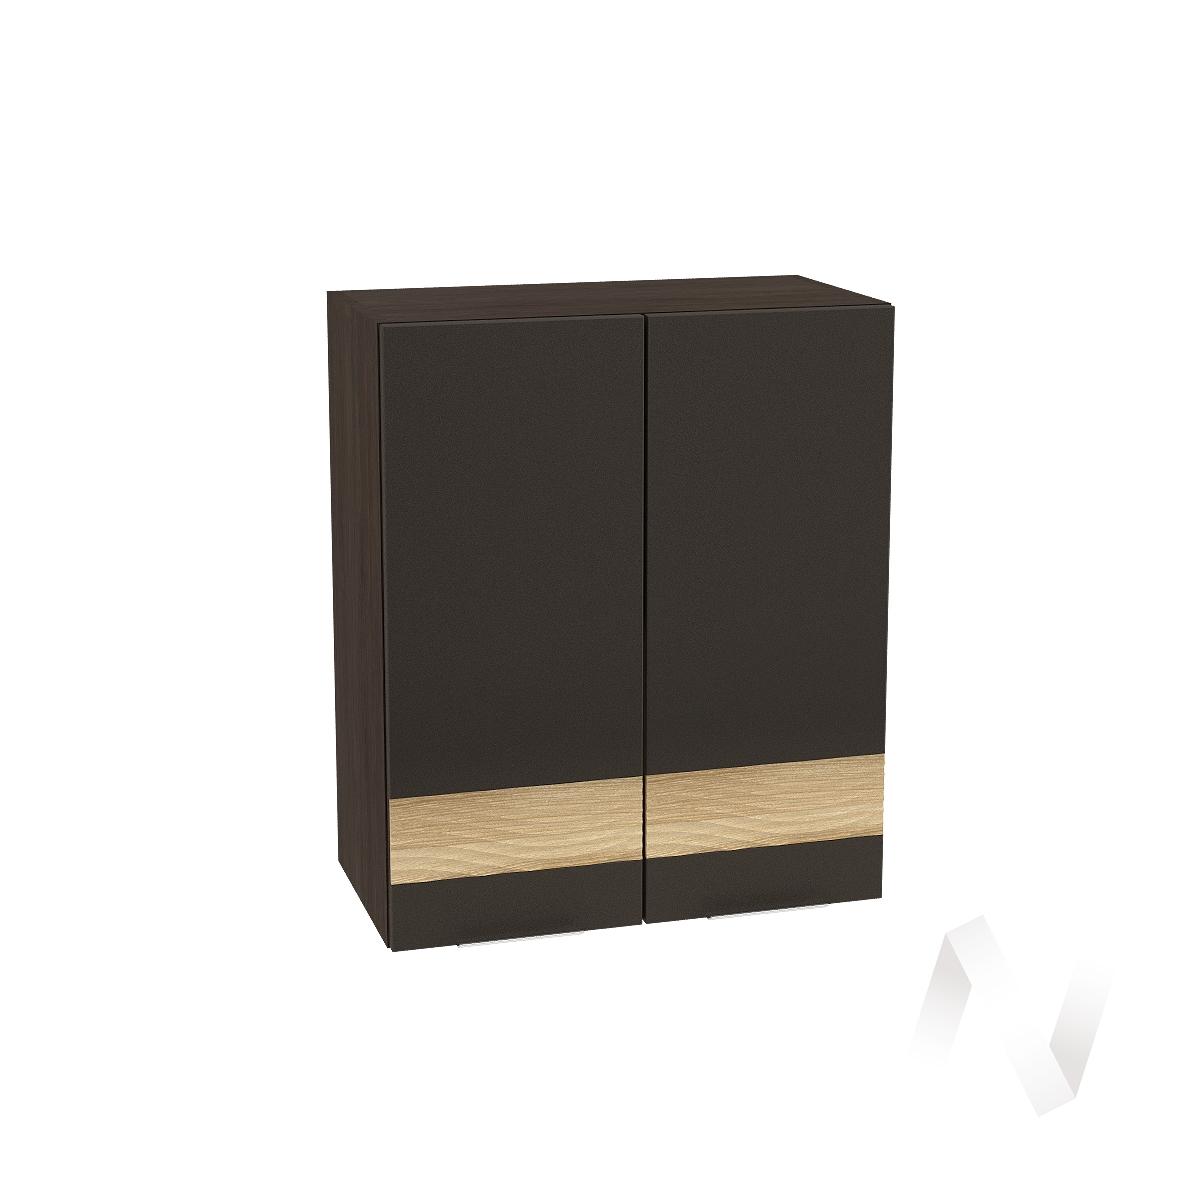 """Кухня """"Терра"""": Шкаф верхний 600, ШВ 600 (смоки софт/ель карпатская/корпус венге)"""